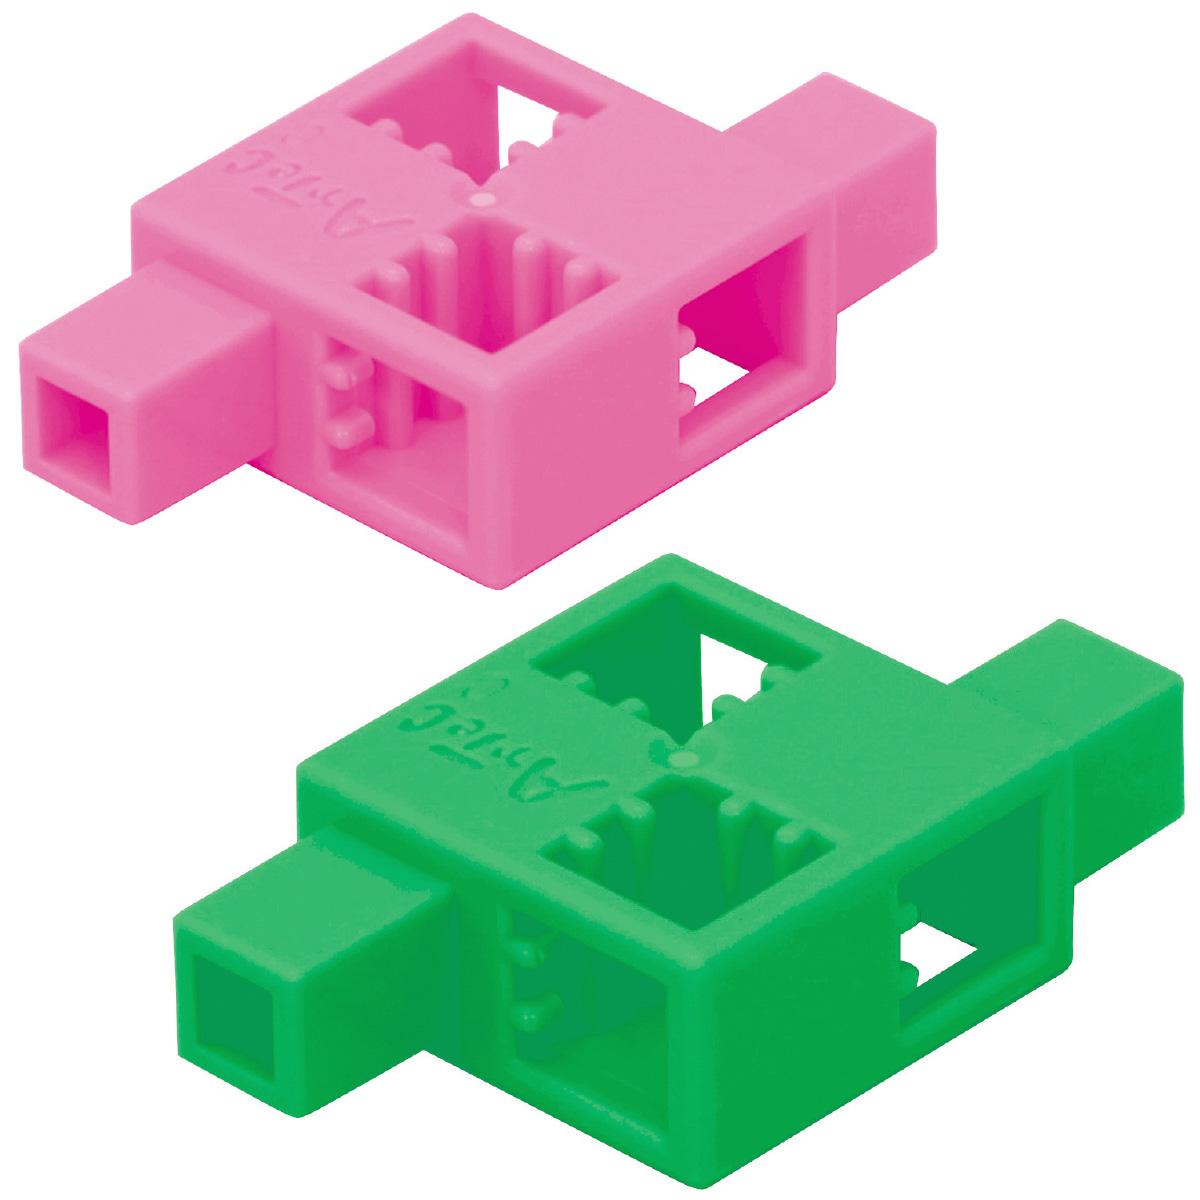 ブロック おもちゃ アーテックブロック ハーフD 8pcsセット 日本製 レゴ・レゴブロックのように遊べます クリスマスプレゼント